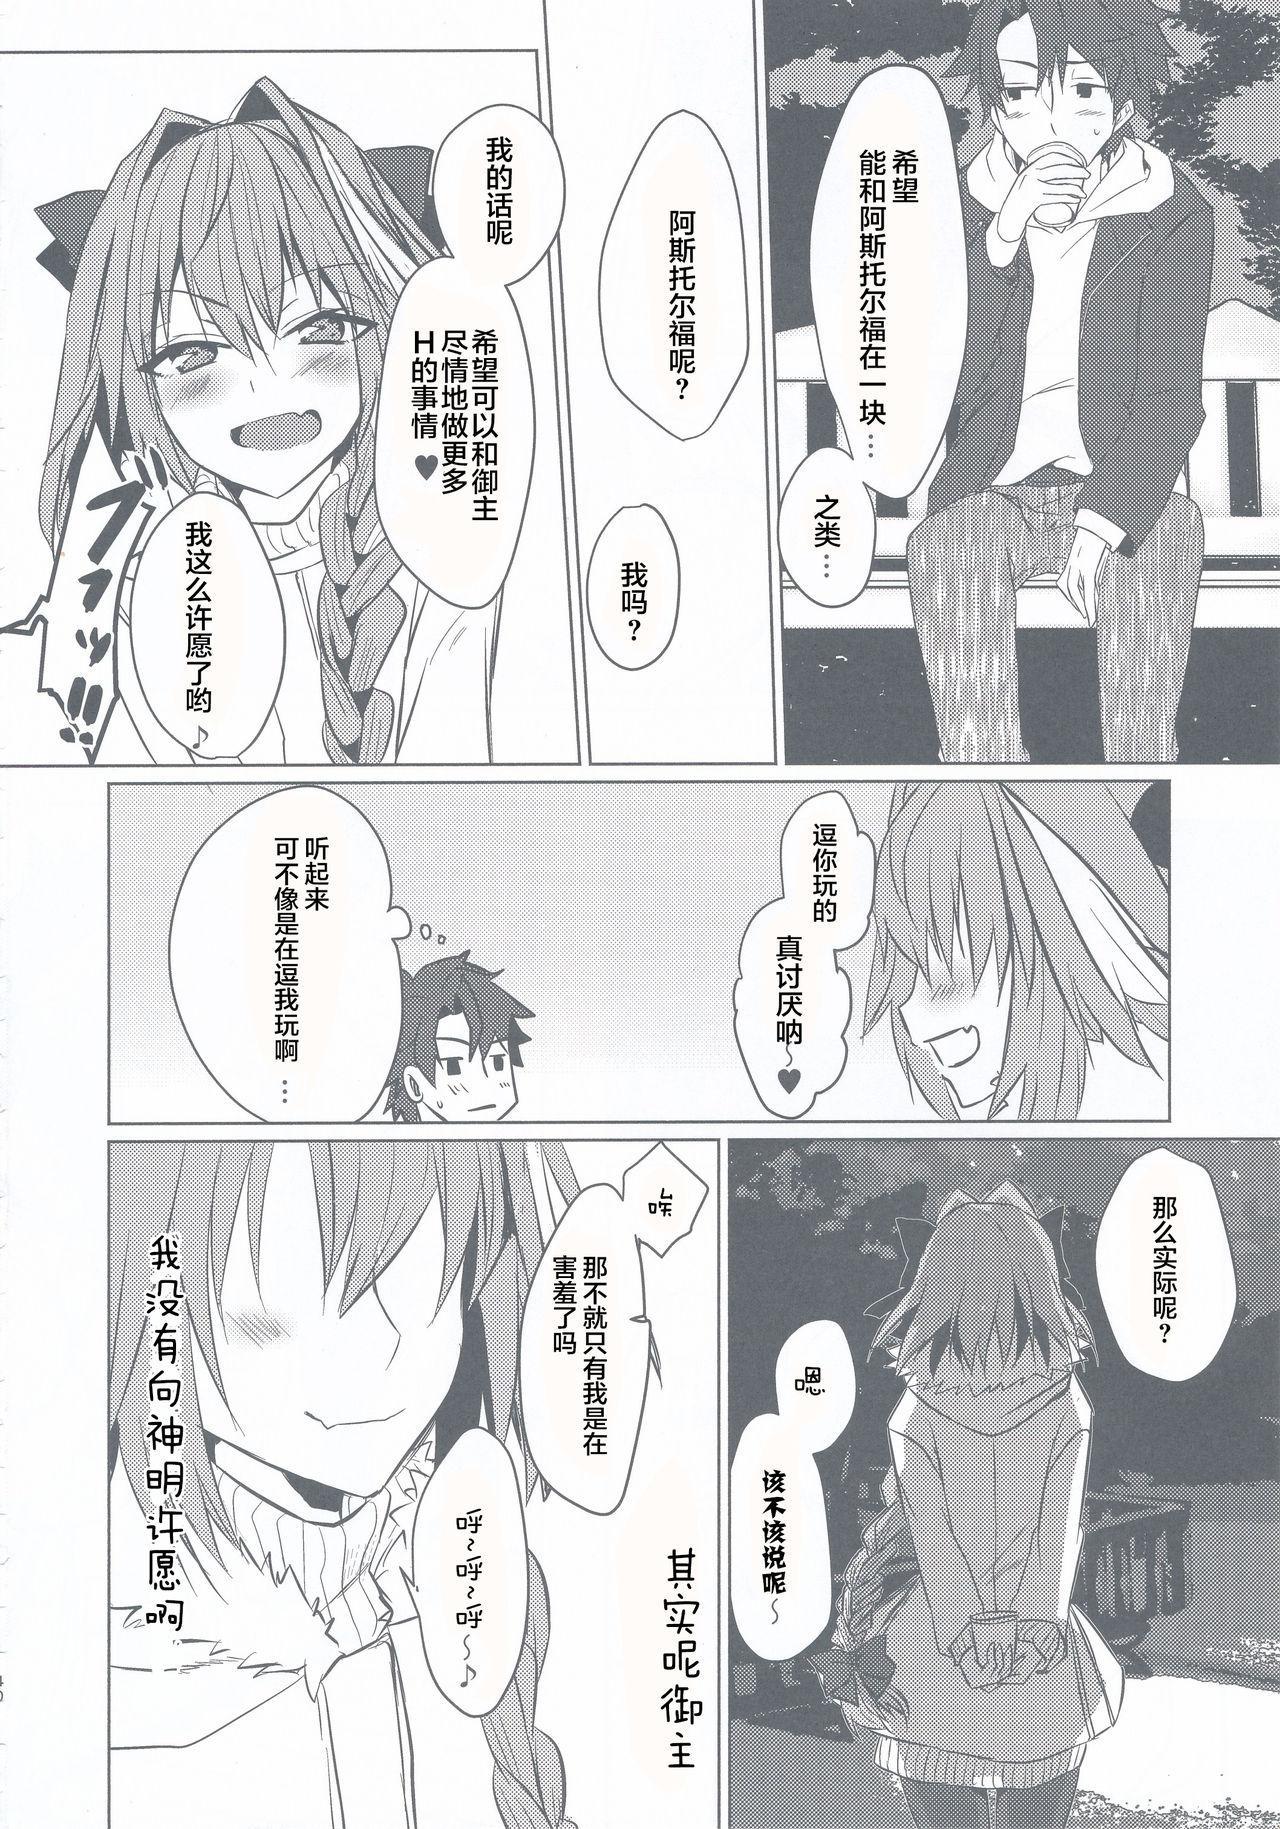 Astolfo-kun to Nenmatsu ni Ichaicha Sugosu Hon 40